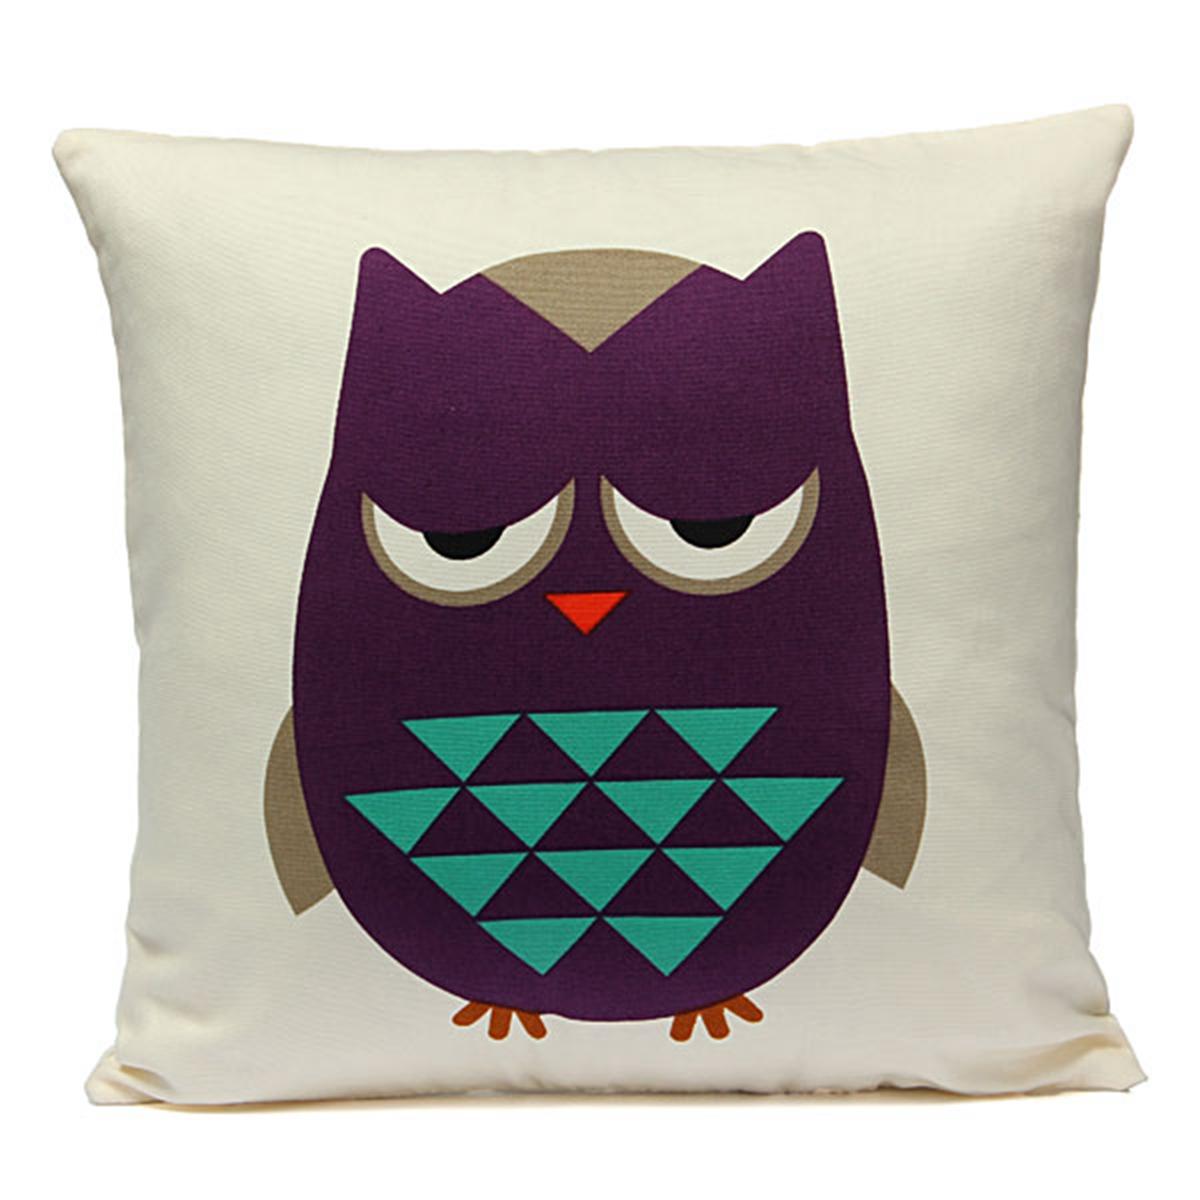 al housse de coussin taie d 39 oreiller canap d cor maison cushion cover lit ebay. Black Bedroom Furniture Sets. Home Design Ideas